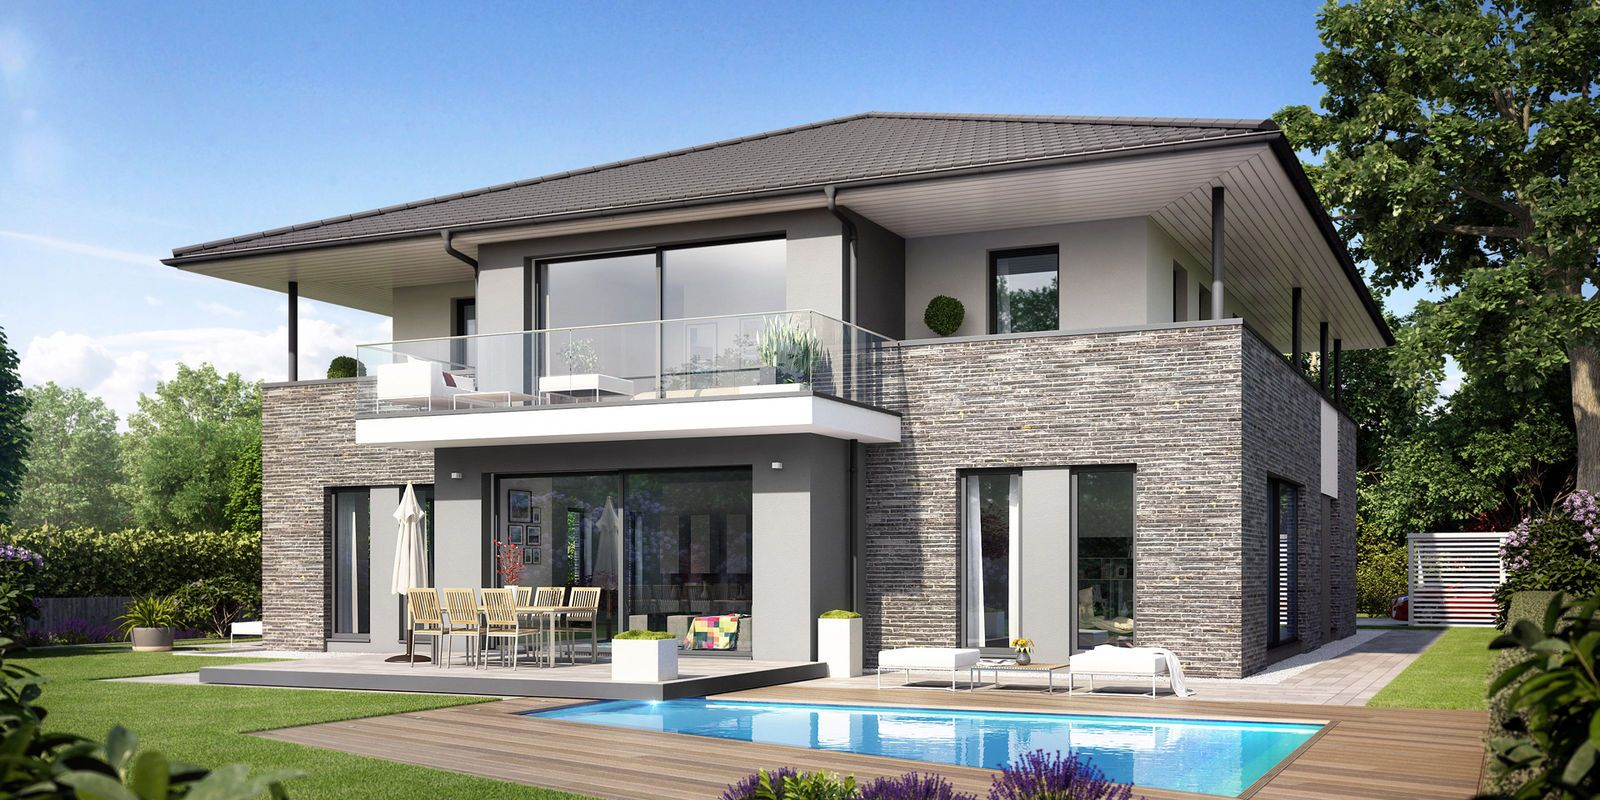 Moderne häuser zeltdach  ARCUS WD.500.2 - Heinz von Heiden | Bauen - Häuser - Grundrisse ...